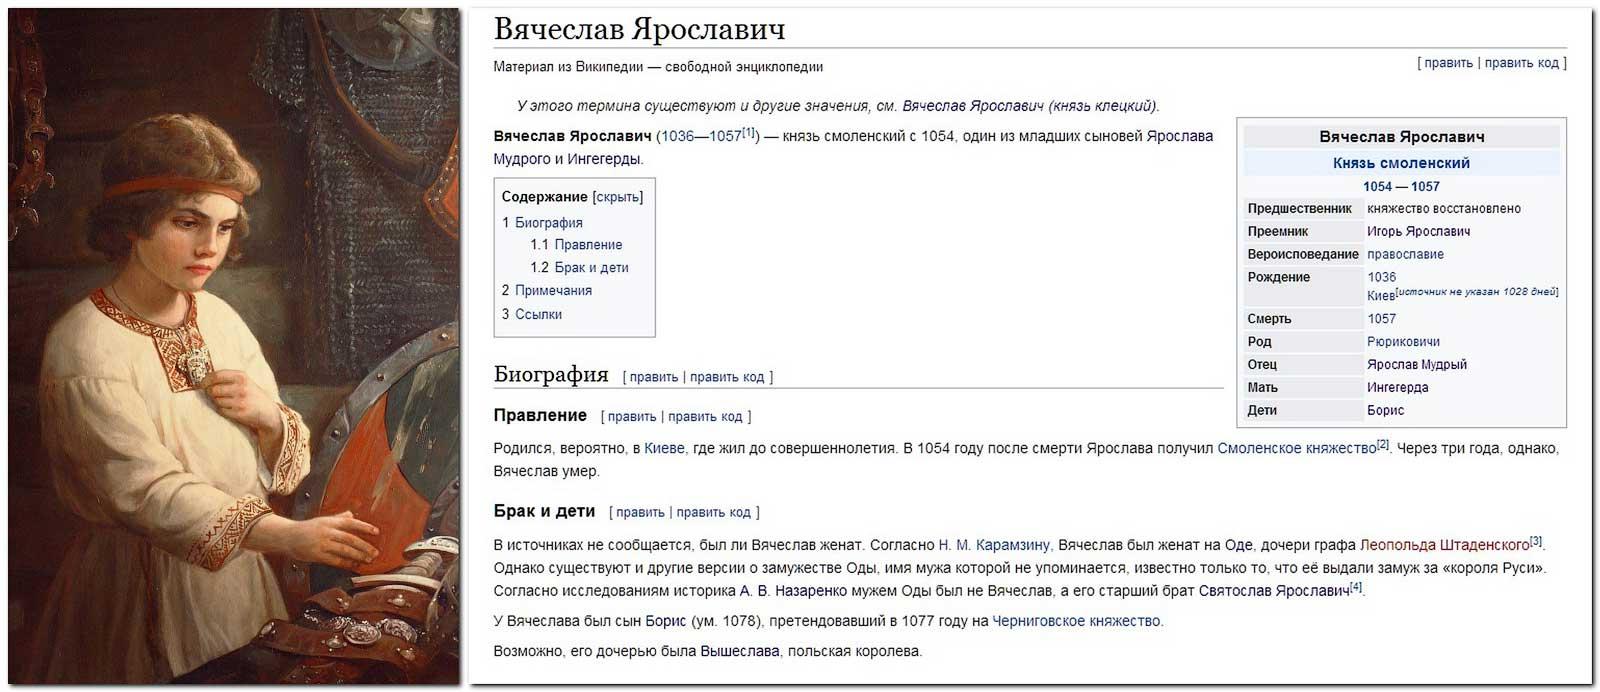 Персональная страница Вячеслава Ярославича